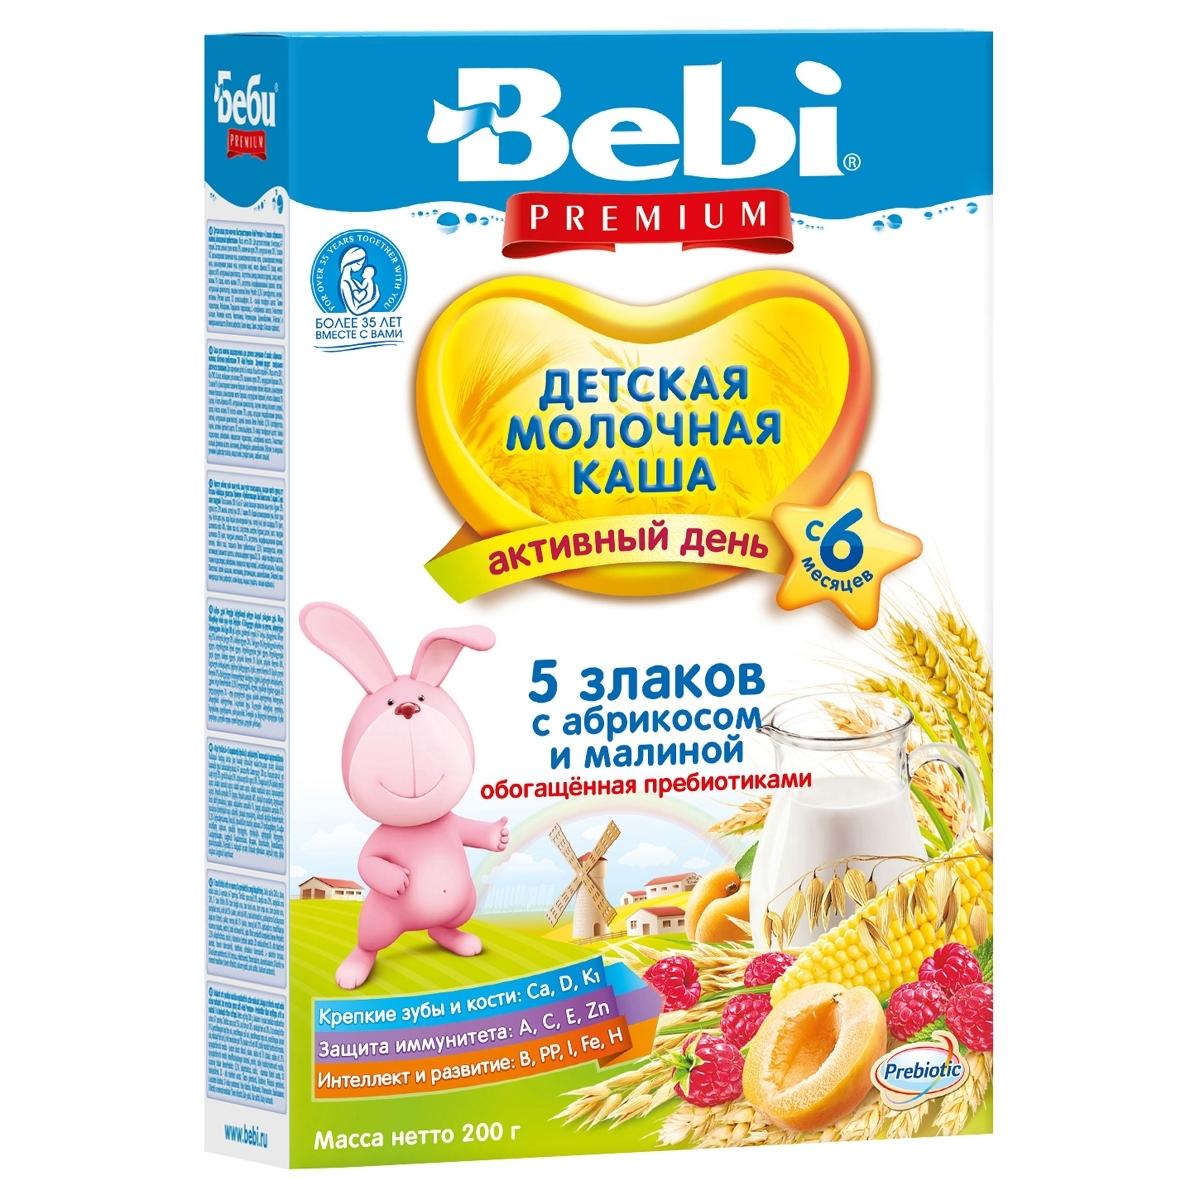 Каша Bebi Premium молочная 200 гр 5 злаков с абрикосом и малиной (с 6 мес)<br>